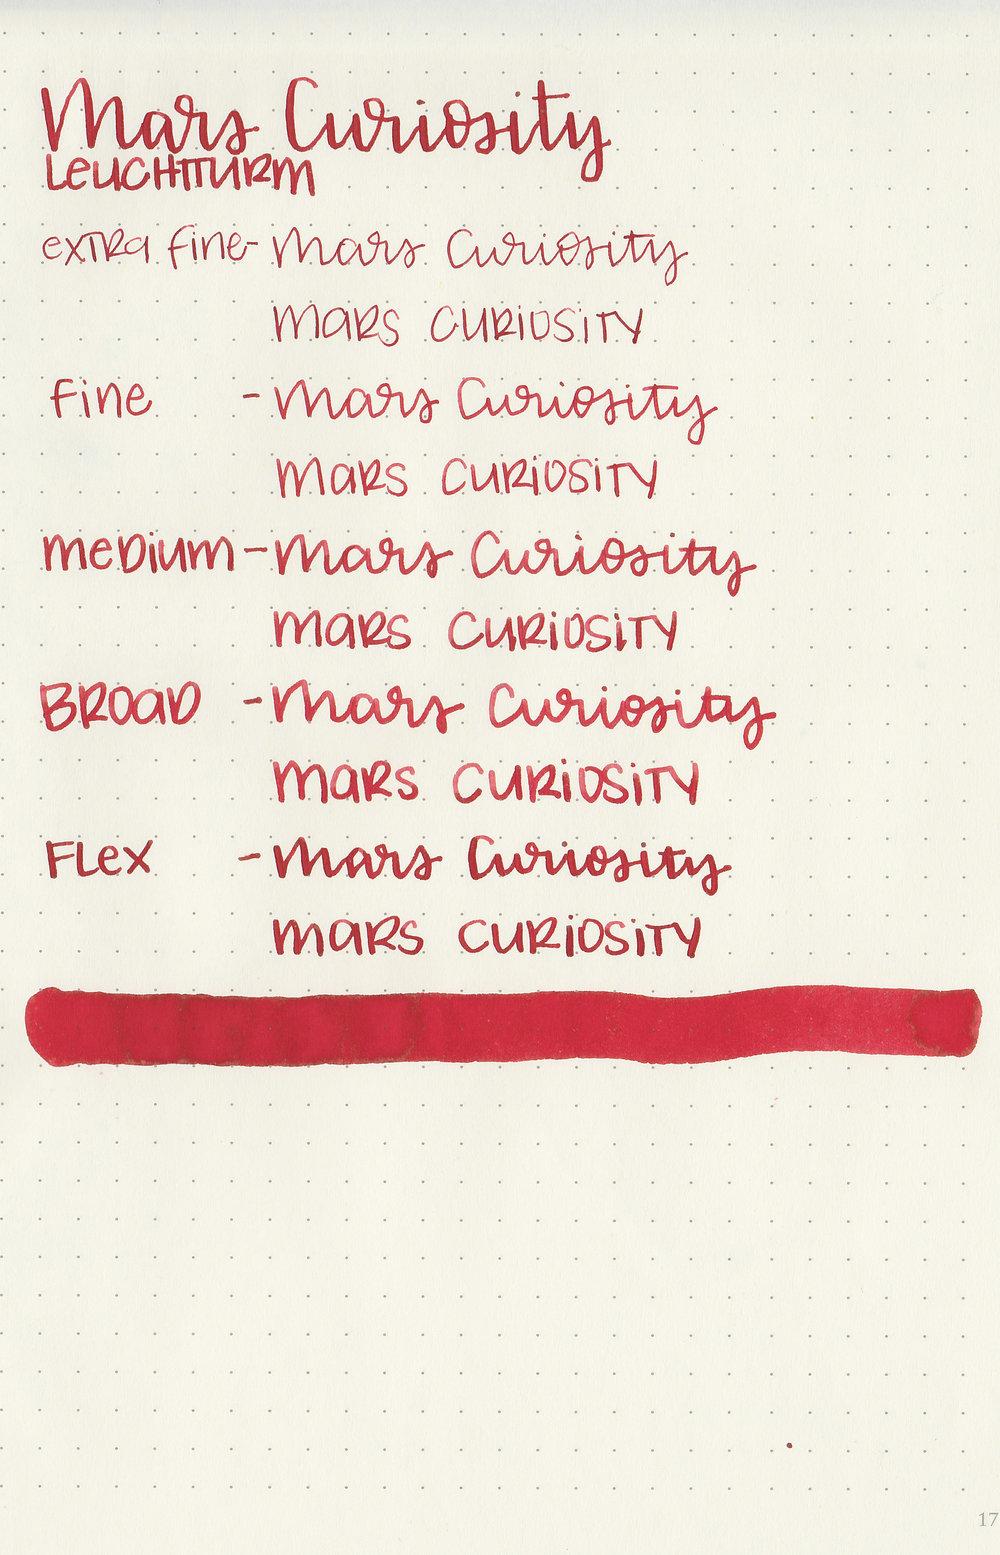 cv-mars-curiosity-10.jpg